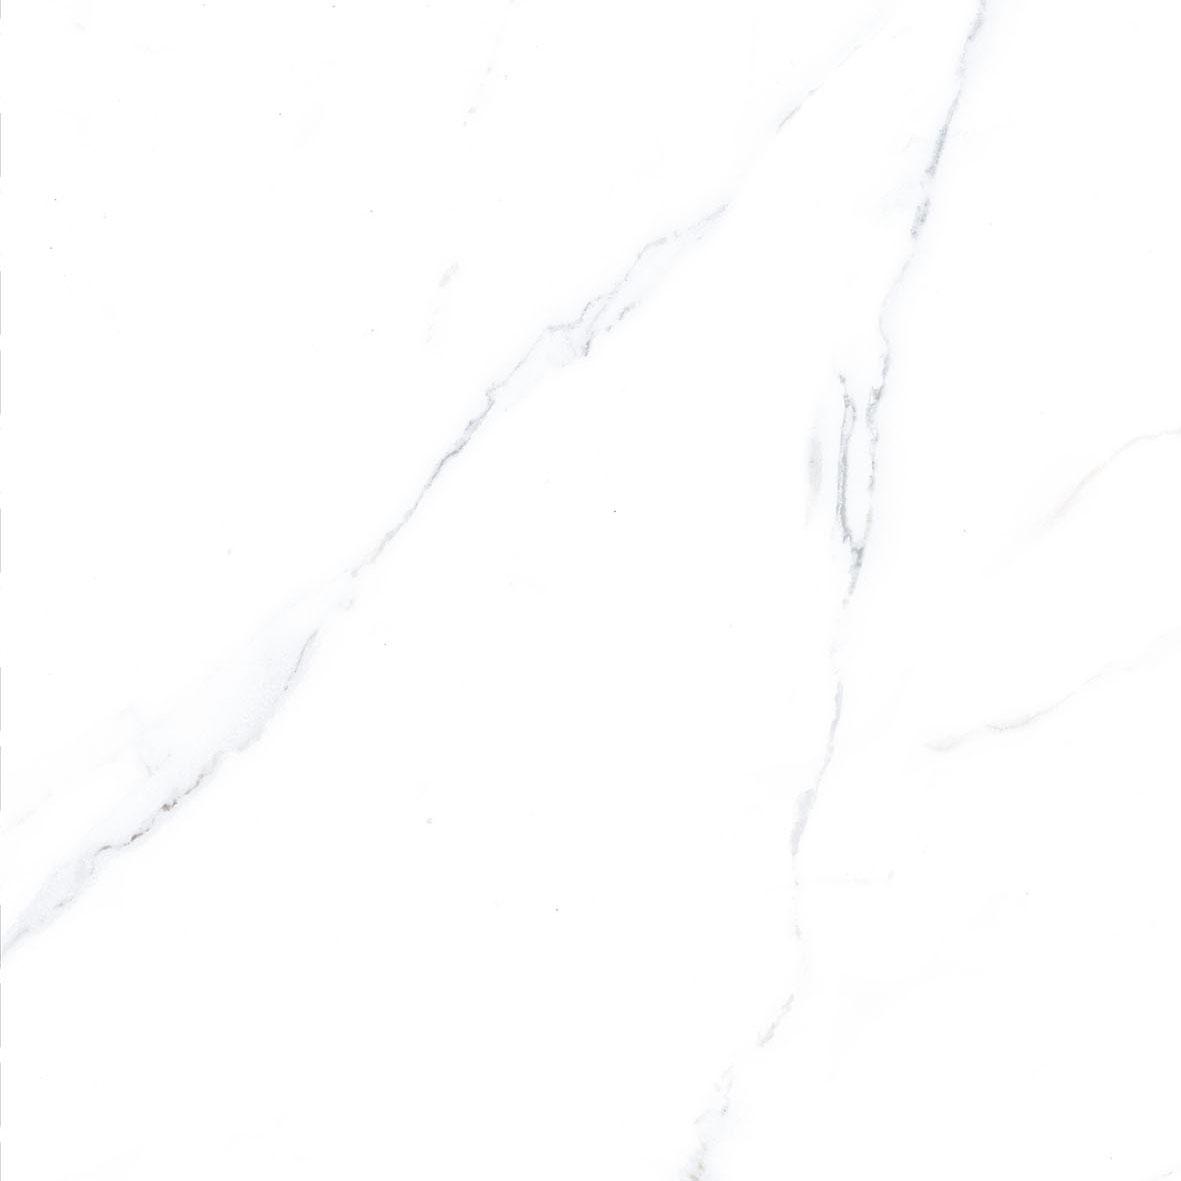 惠达瓷砖厂商出售_【荐】价格合理的惠达瓷砖_厂家直销